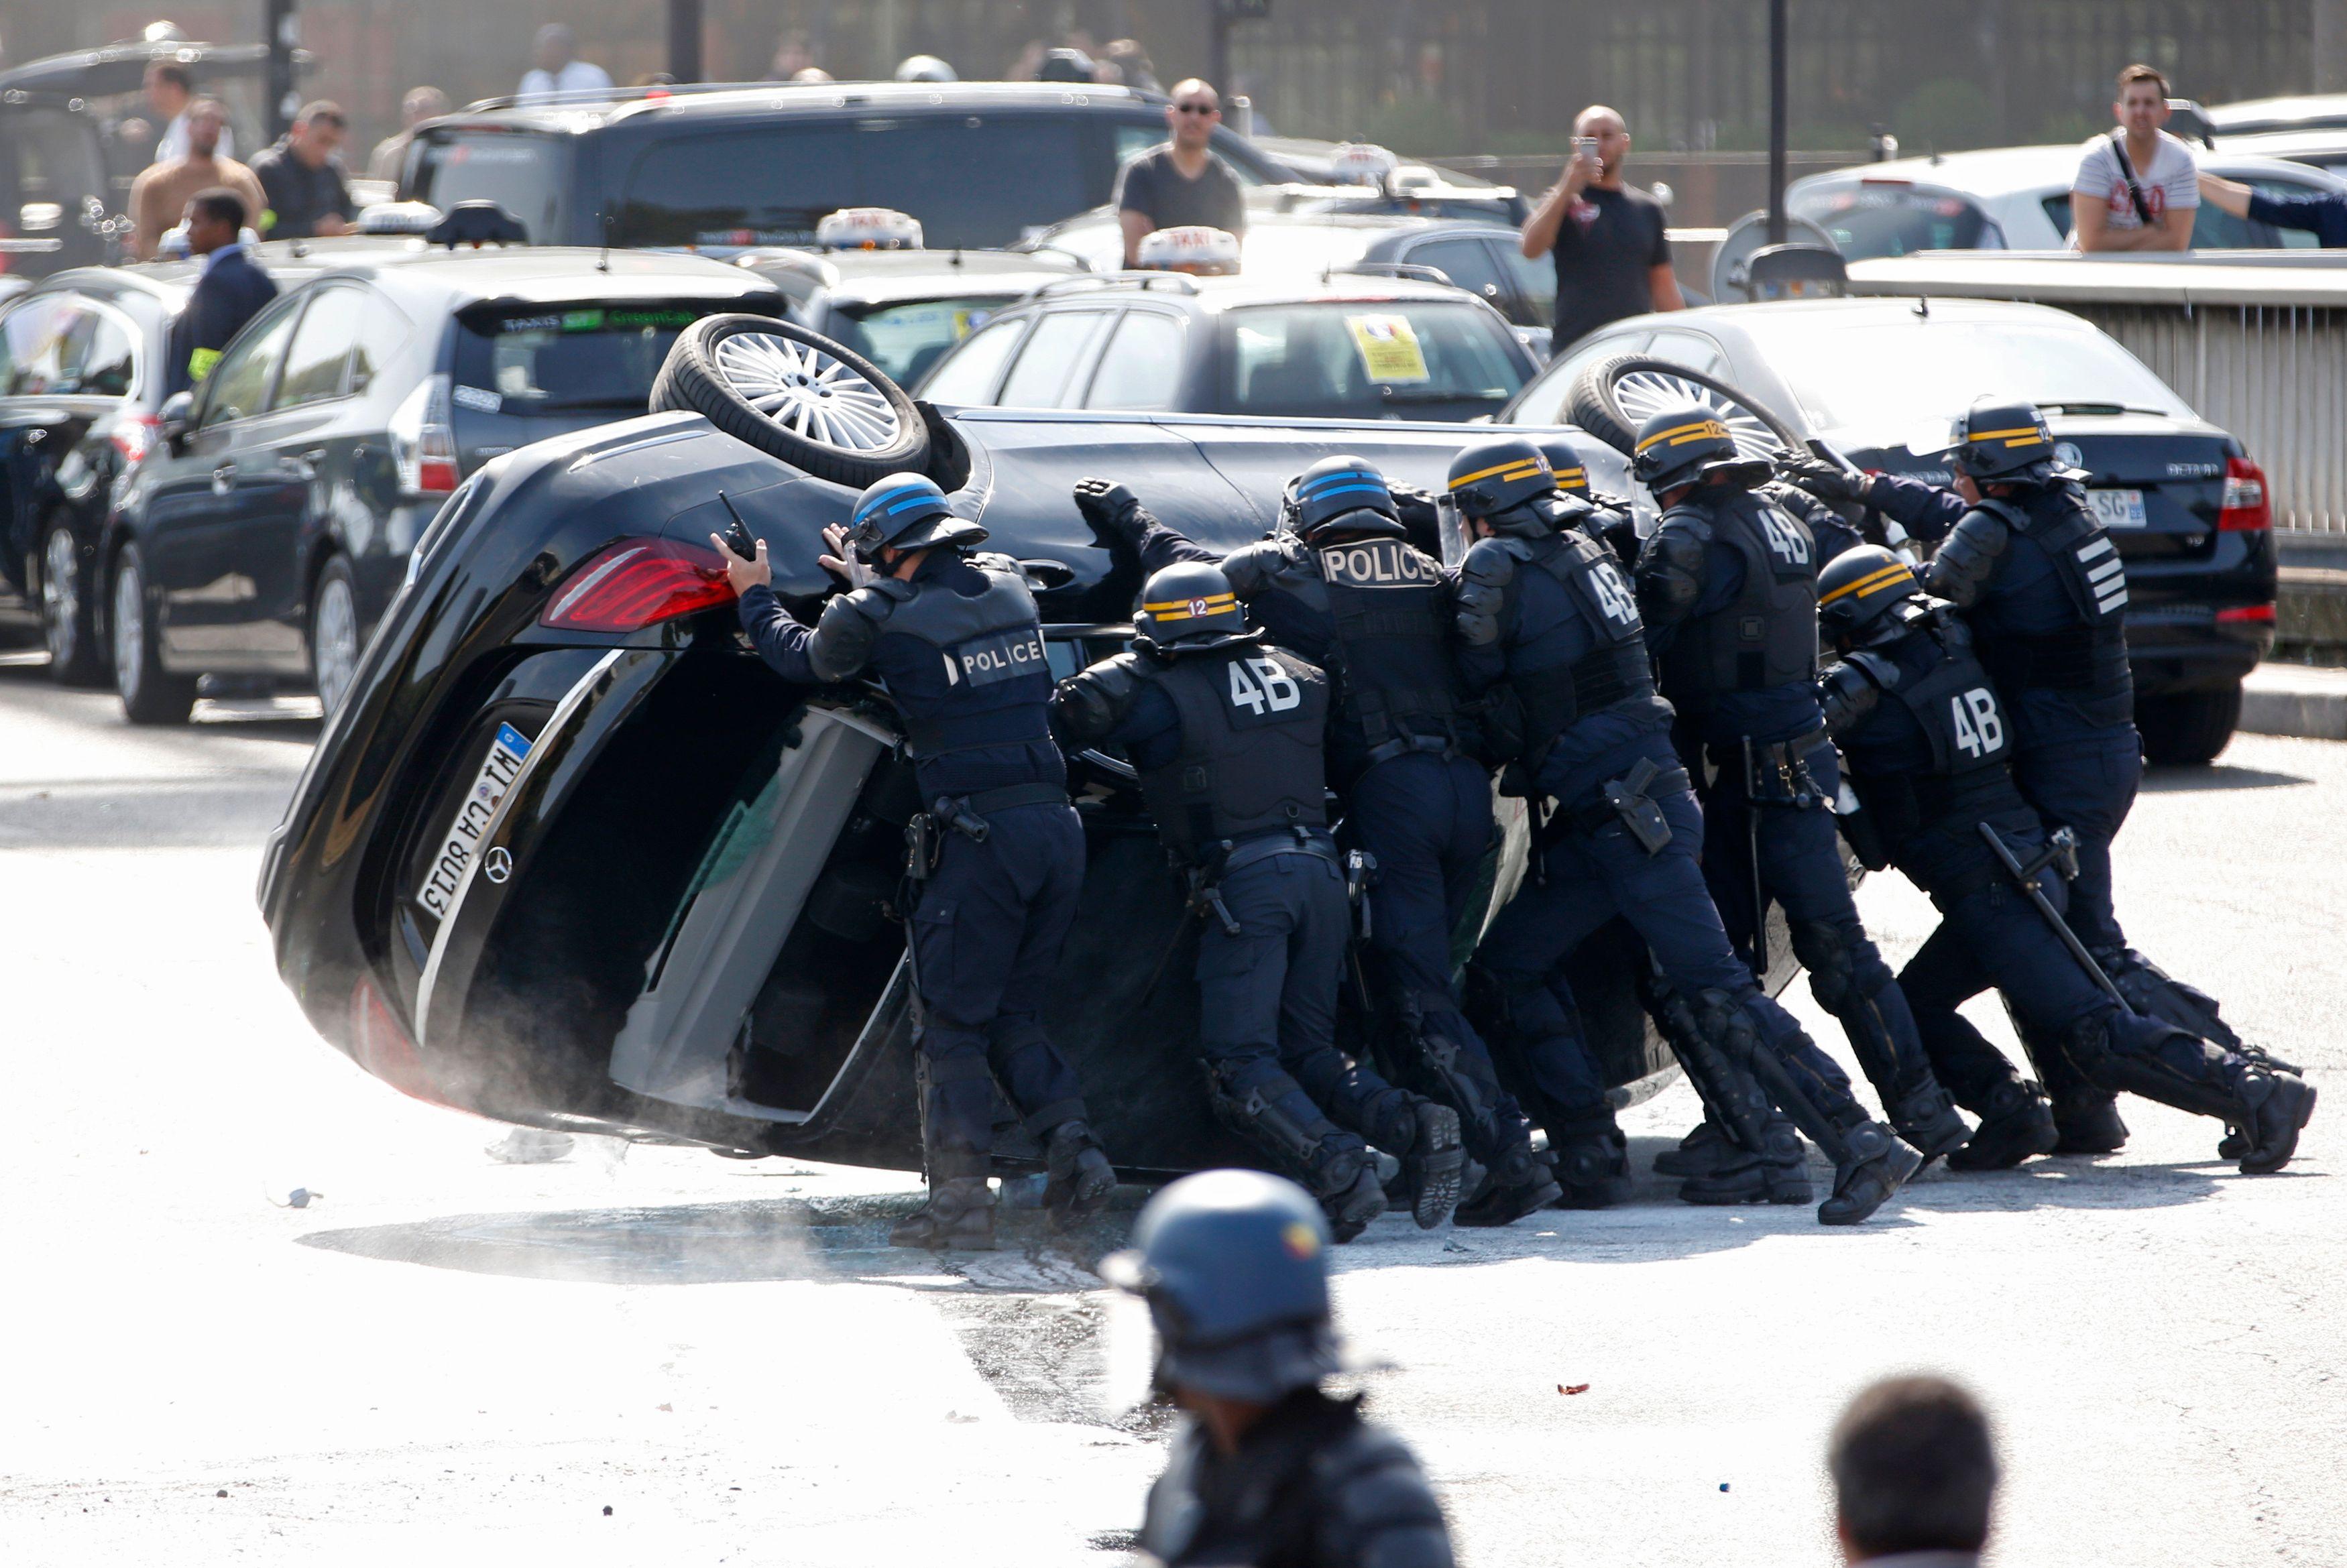 Les milieux policiers et militaires font face à des conditions de travail de plus en plus difficiles.